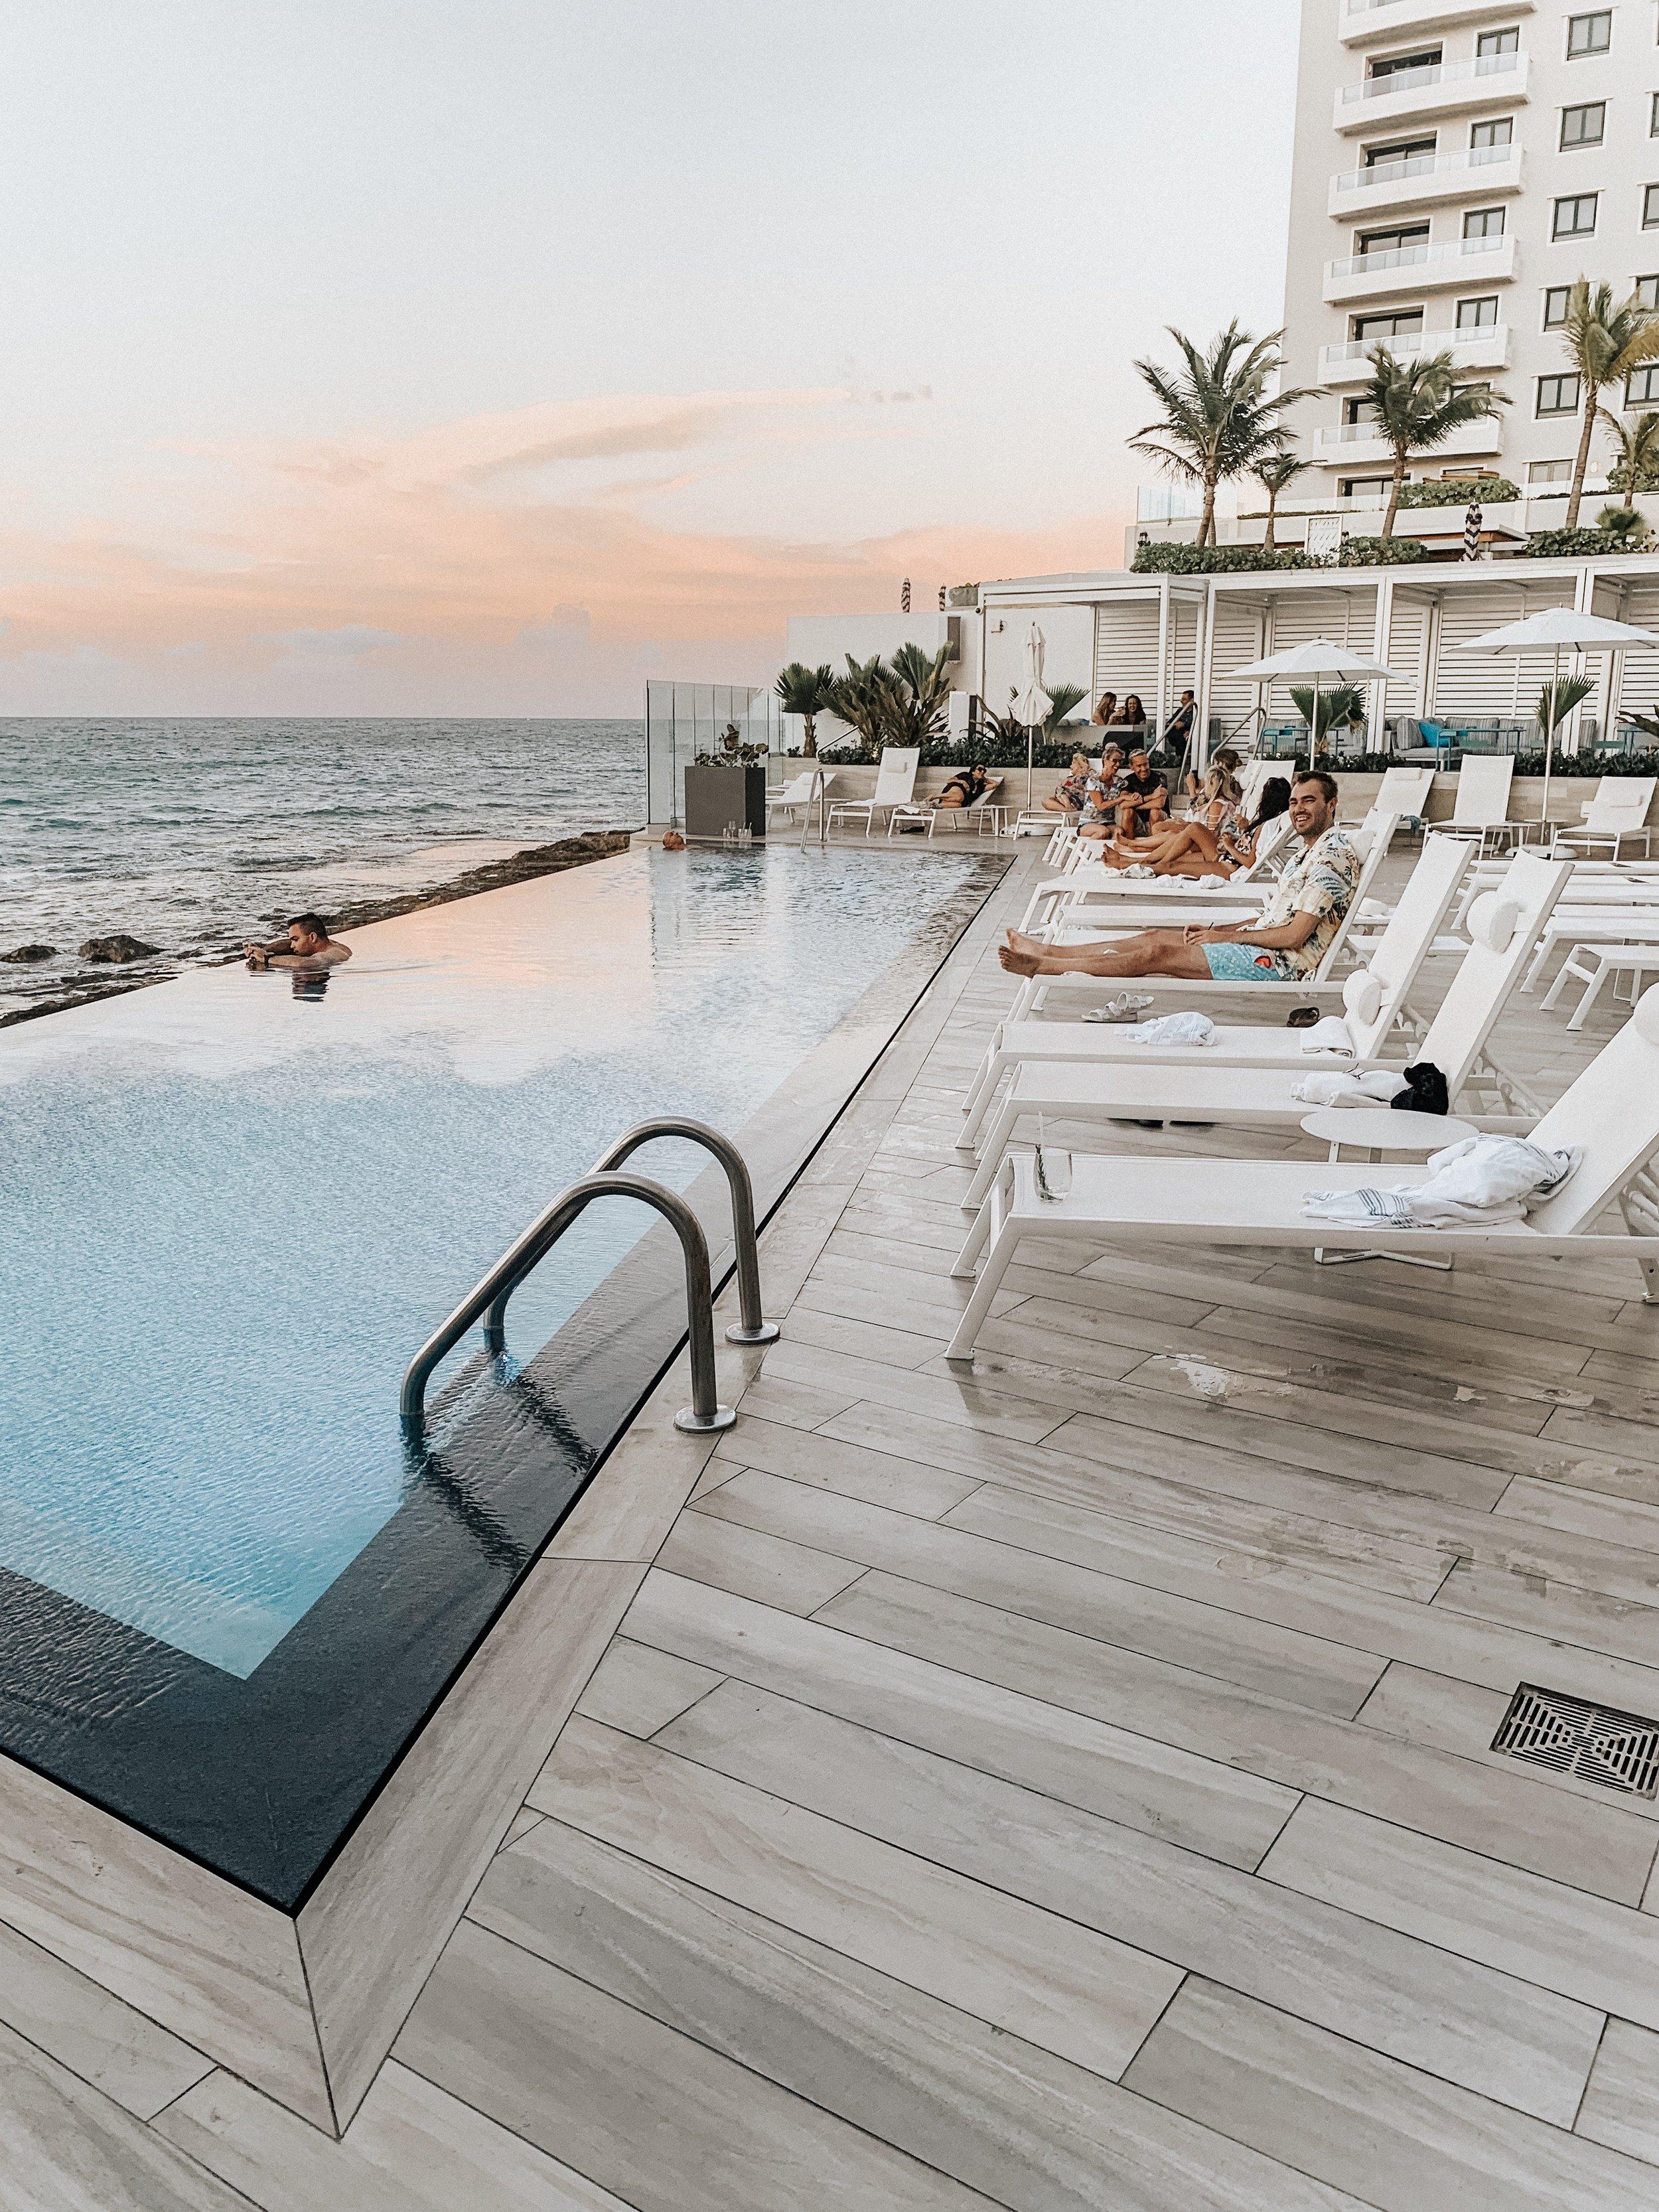 Paige Previvor // Serafina Beach Hotel // PR